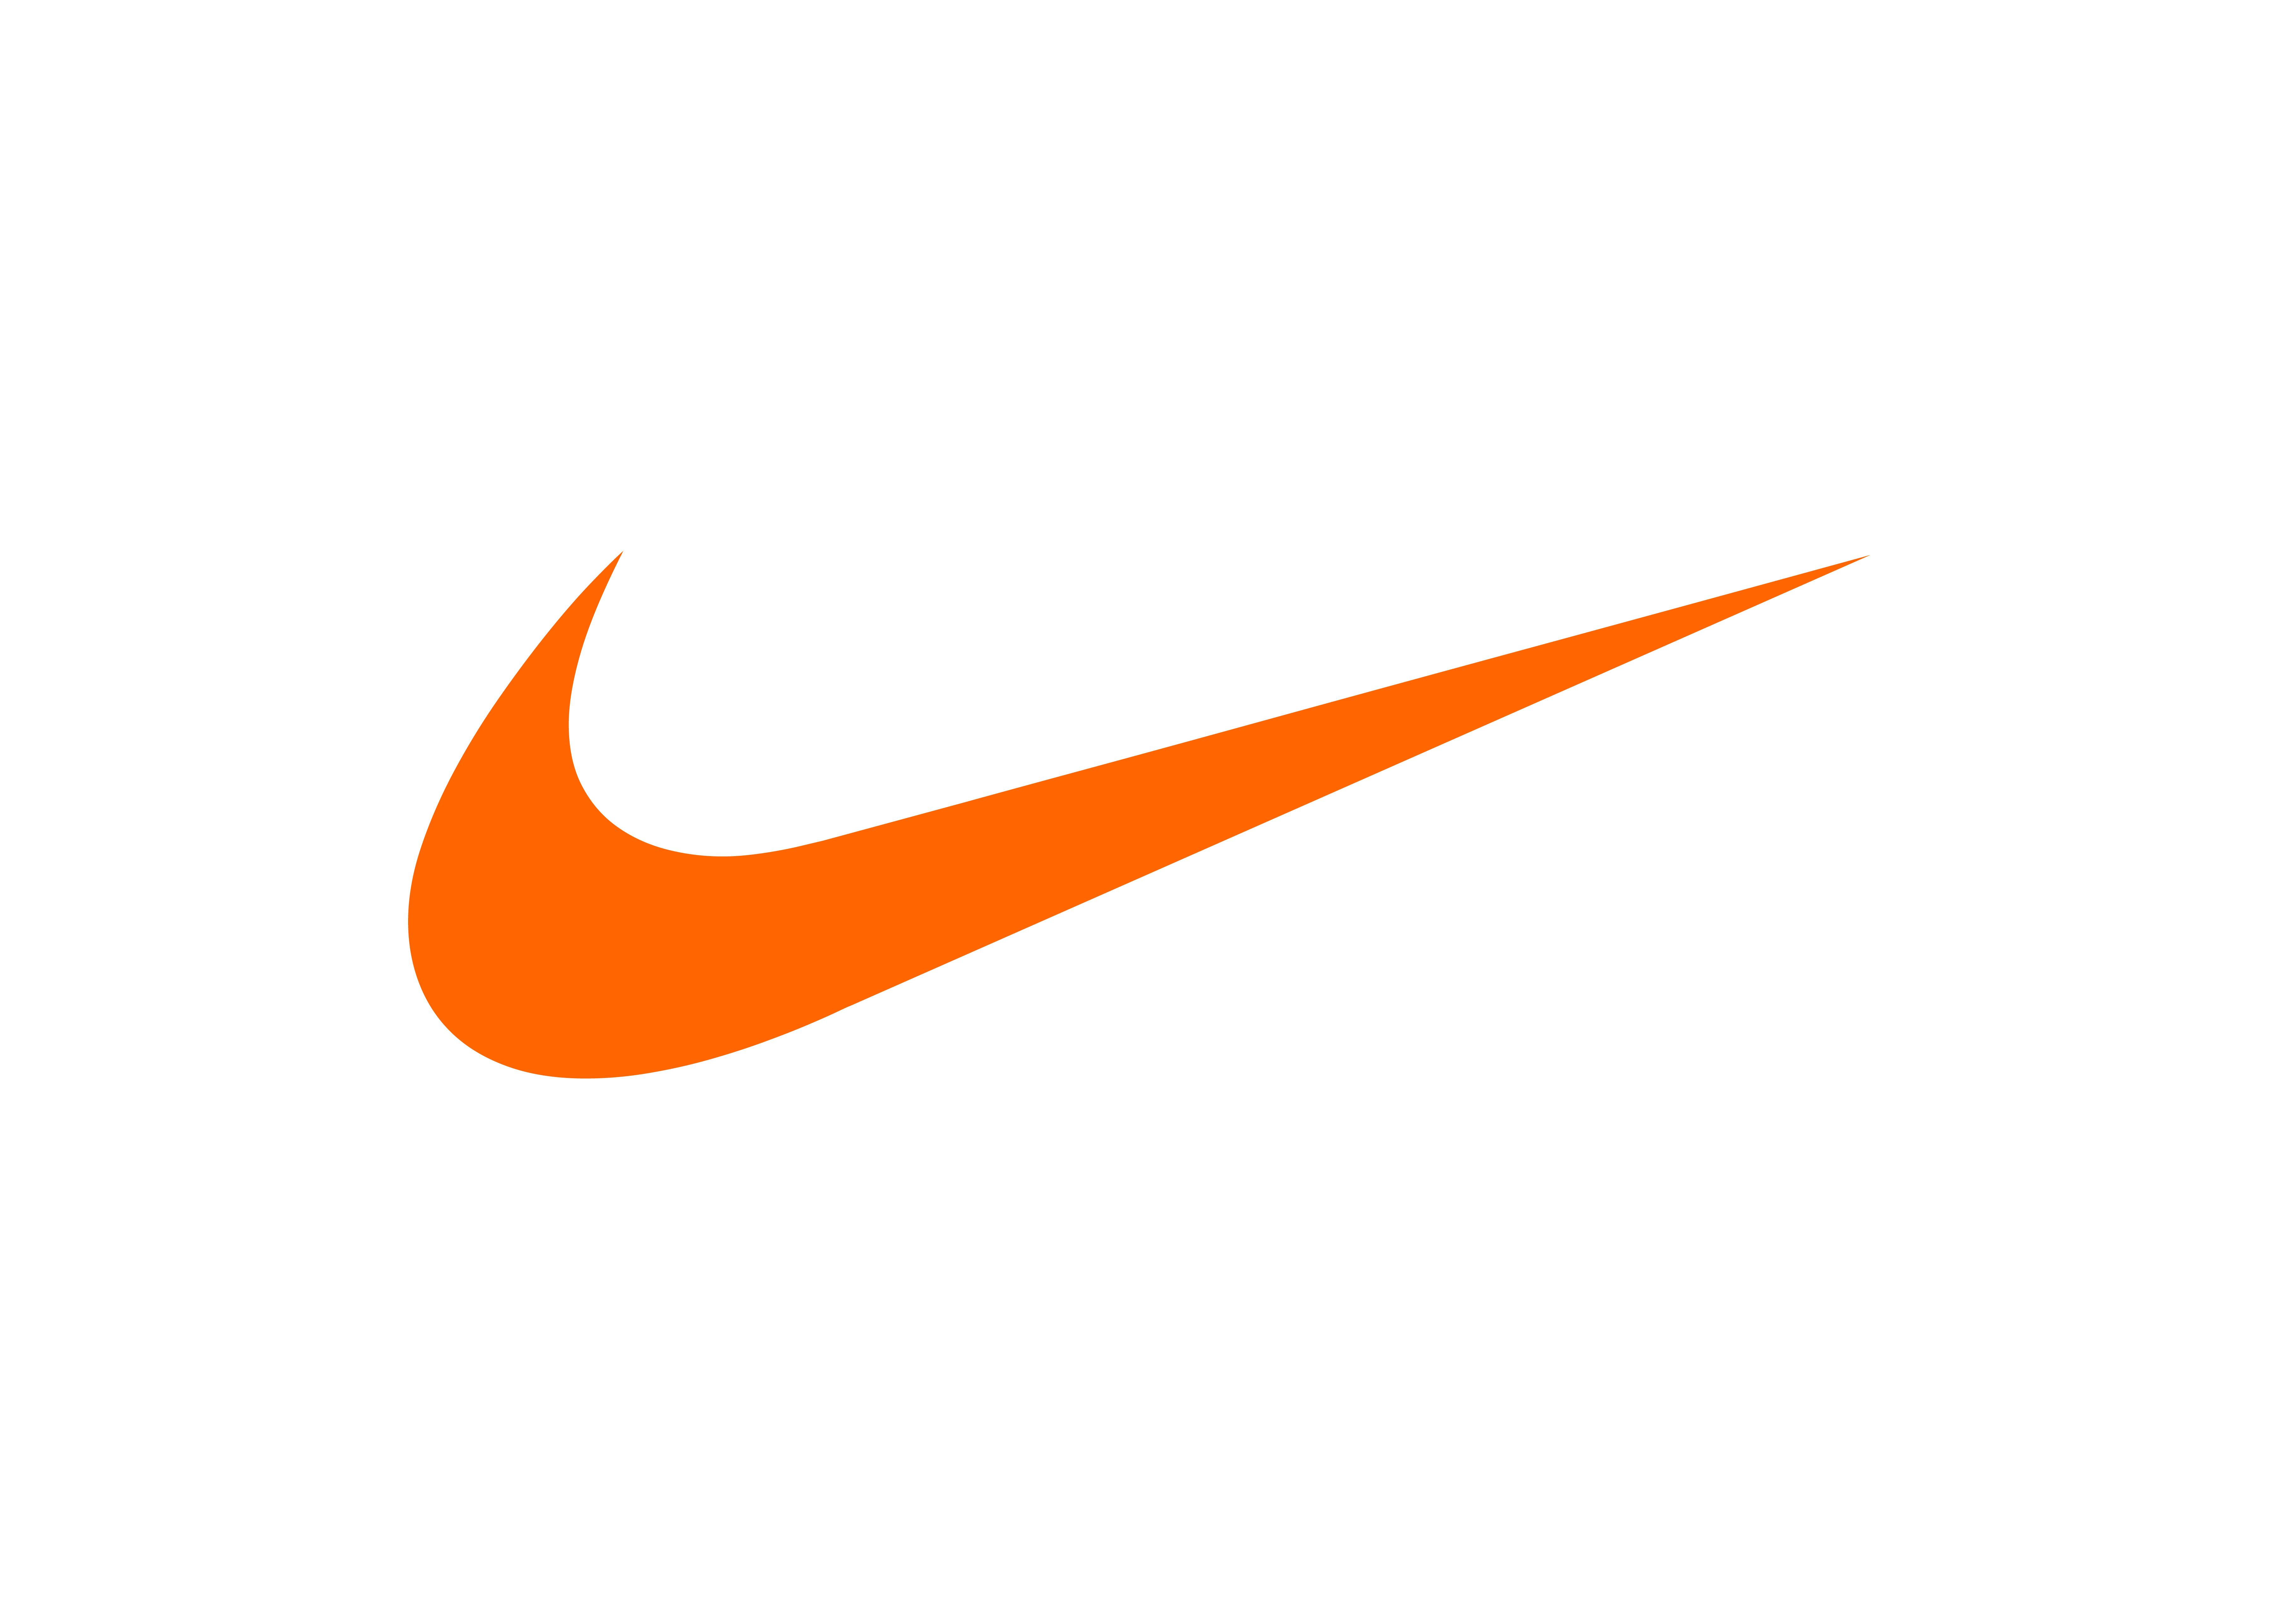 Nike orange swoosh Logos